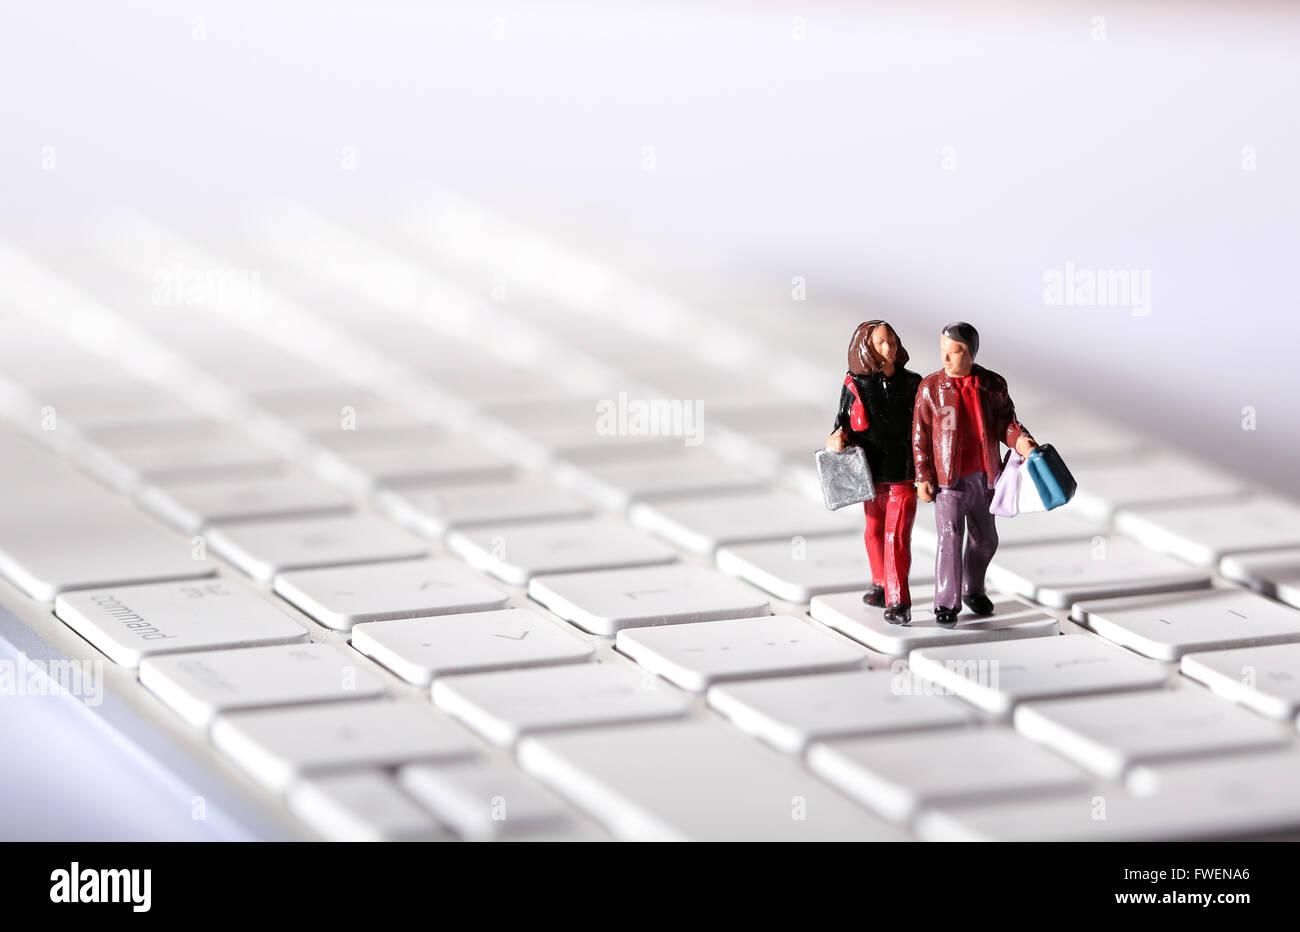 Online-Shopping-Konzept-Bild eines Paares auf einer Computertastatur Einkaufstaschen tragen Stockbild